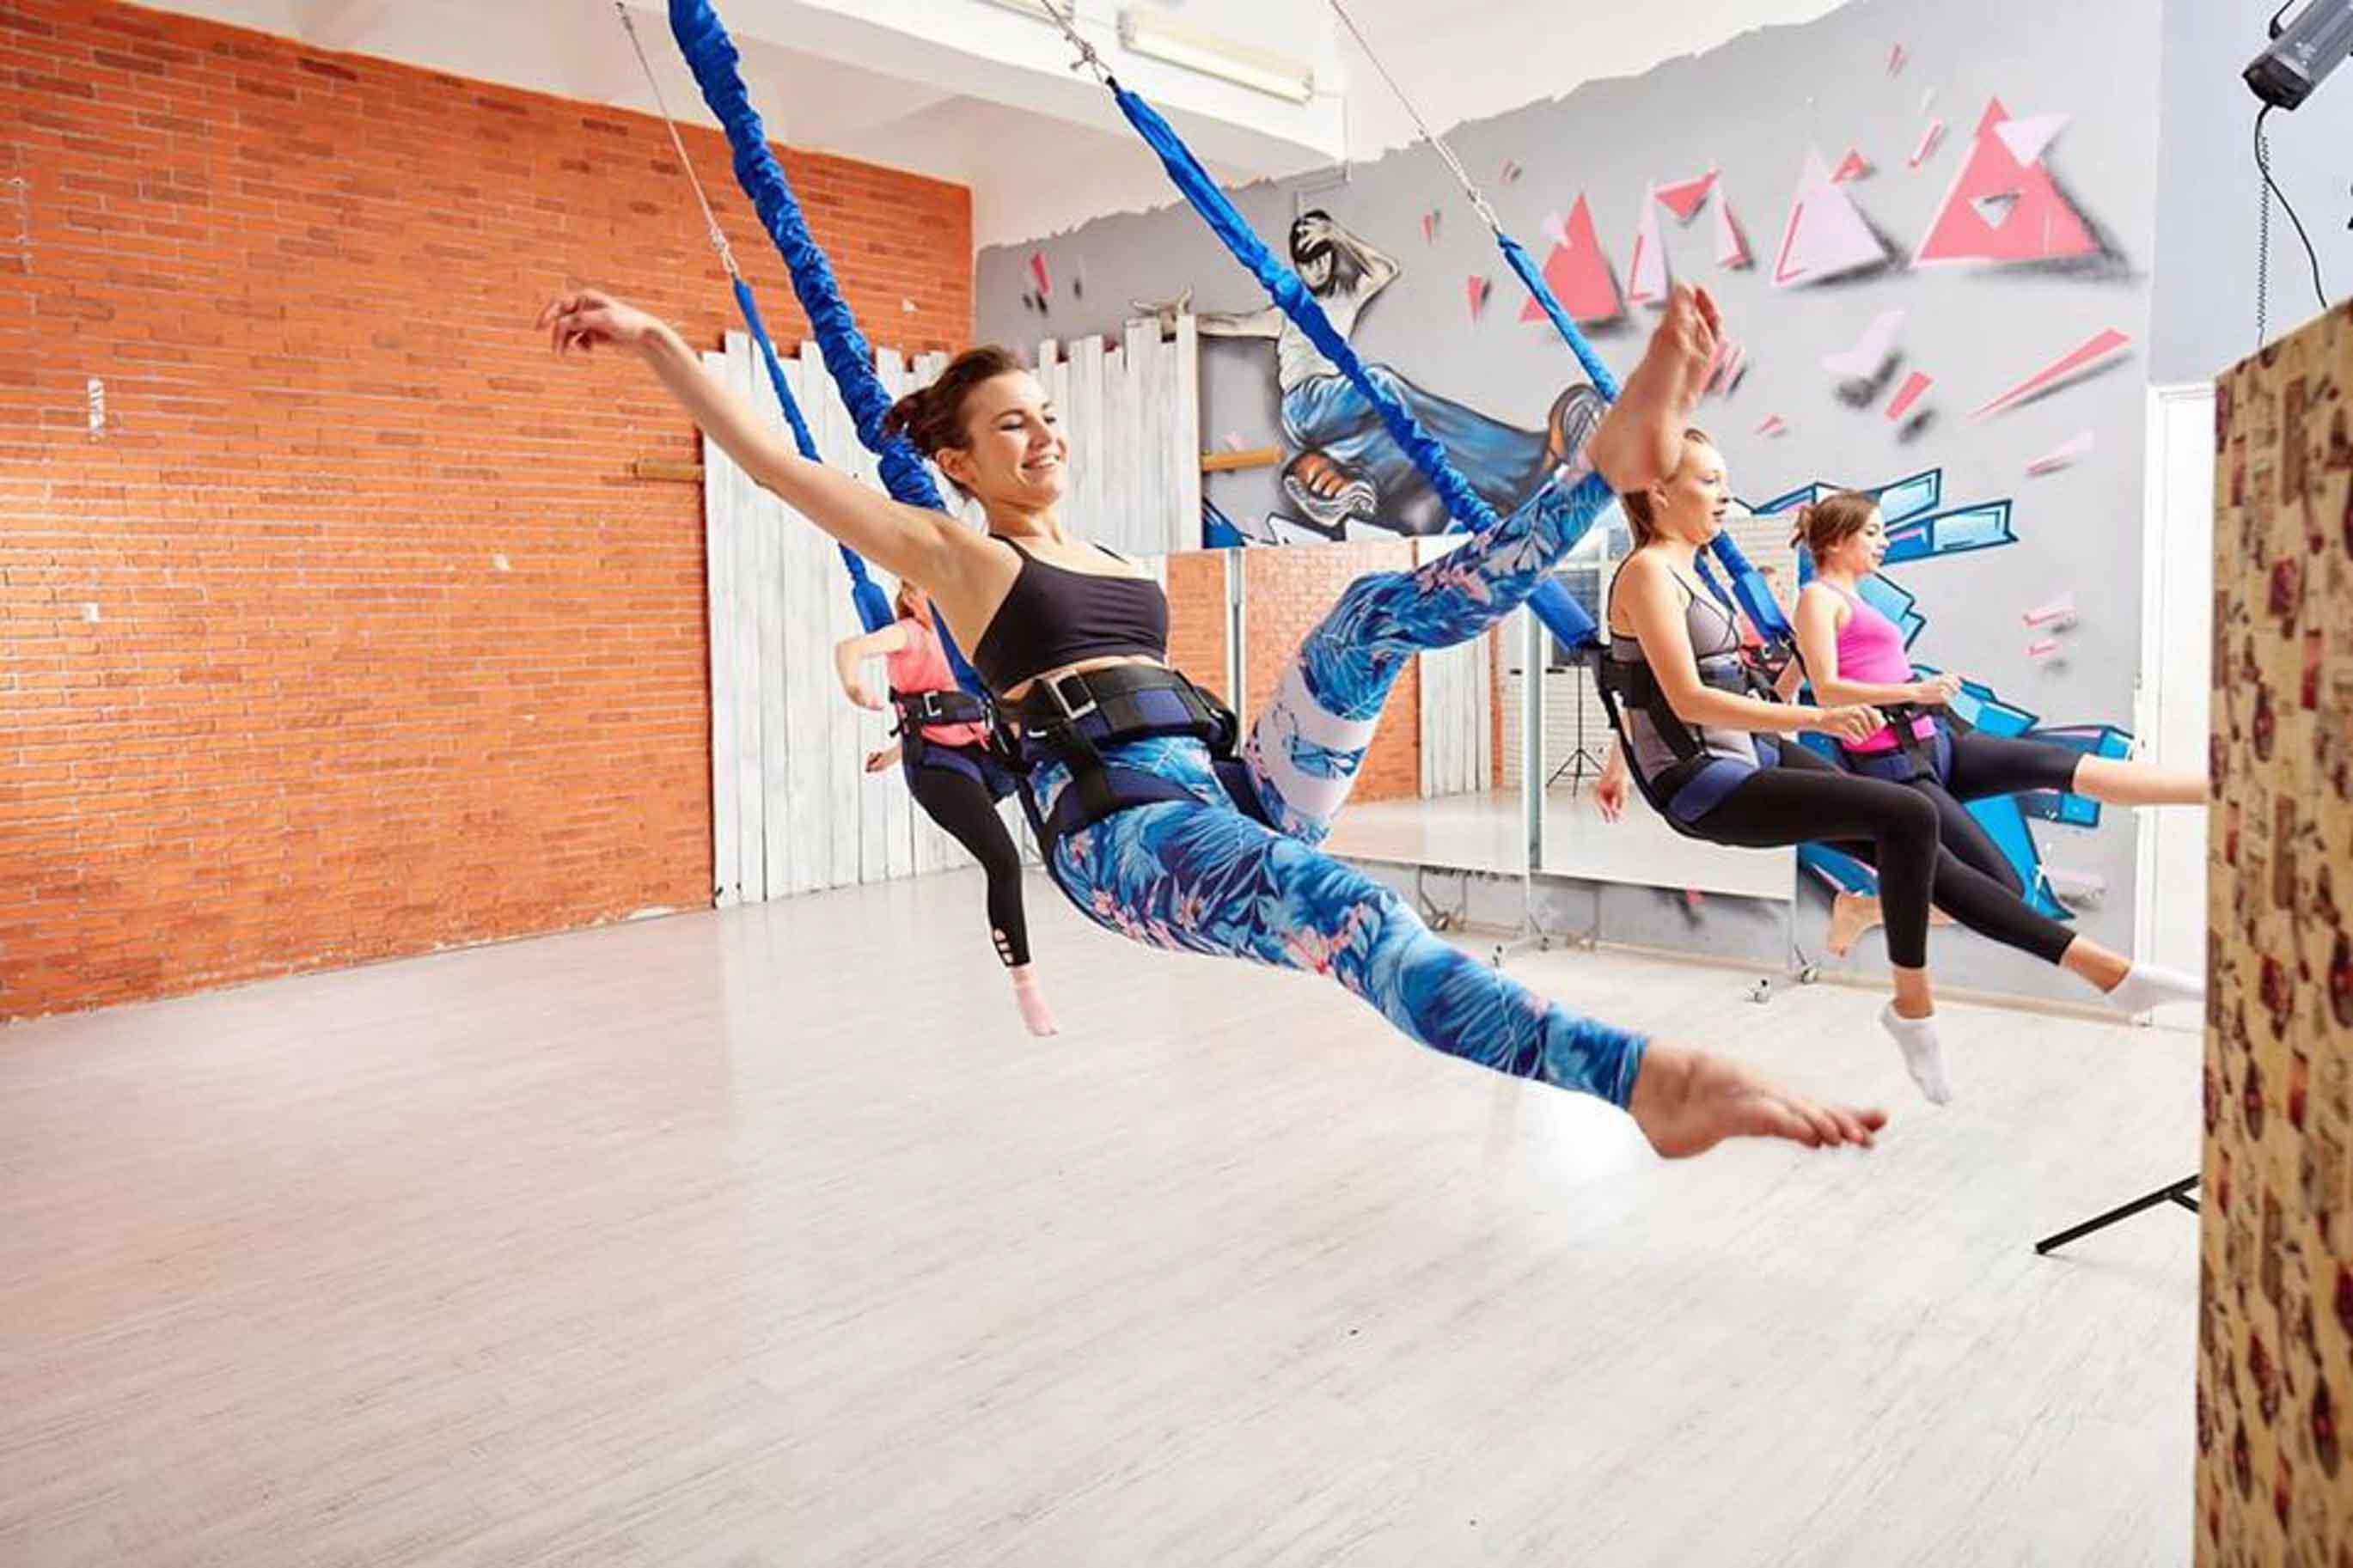 ФлайФит (Bungee) = фитнес, полет и развлечение! Три в одном - Киев фото 2